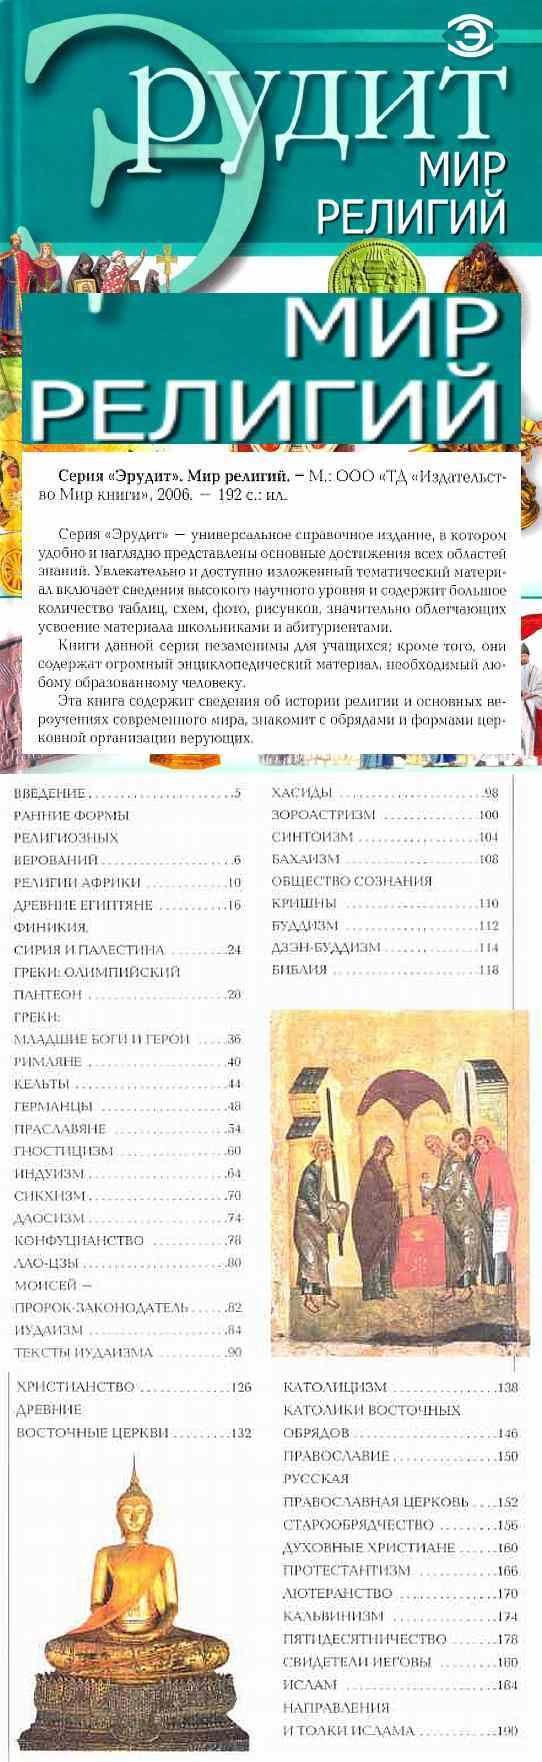 Мировосприятие славян юджизм скачать pdf